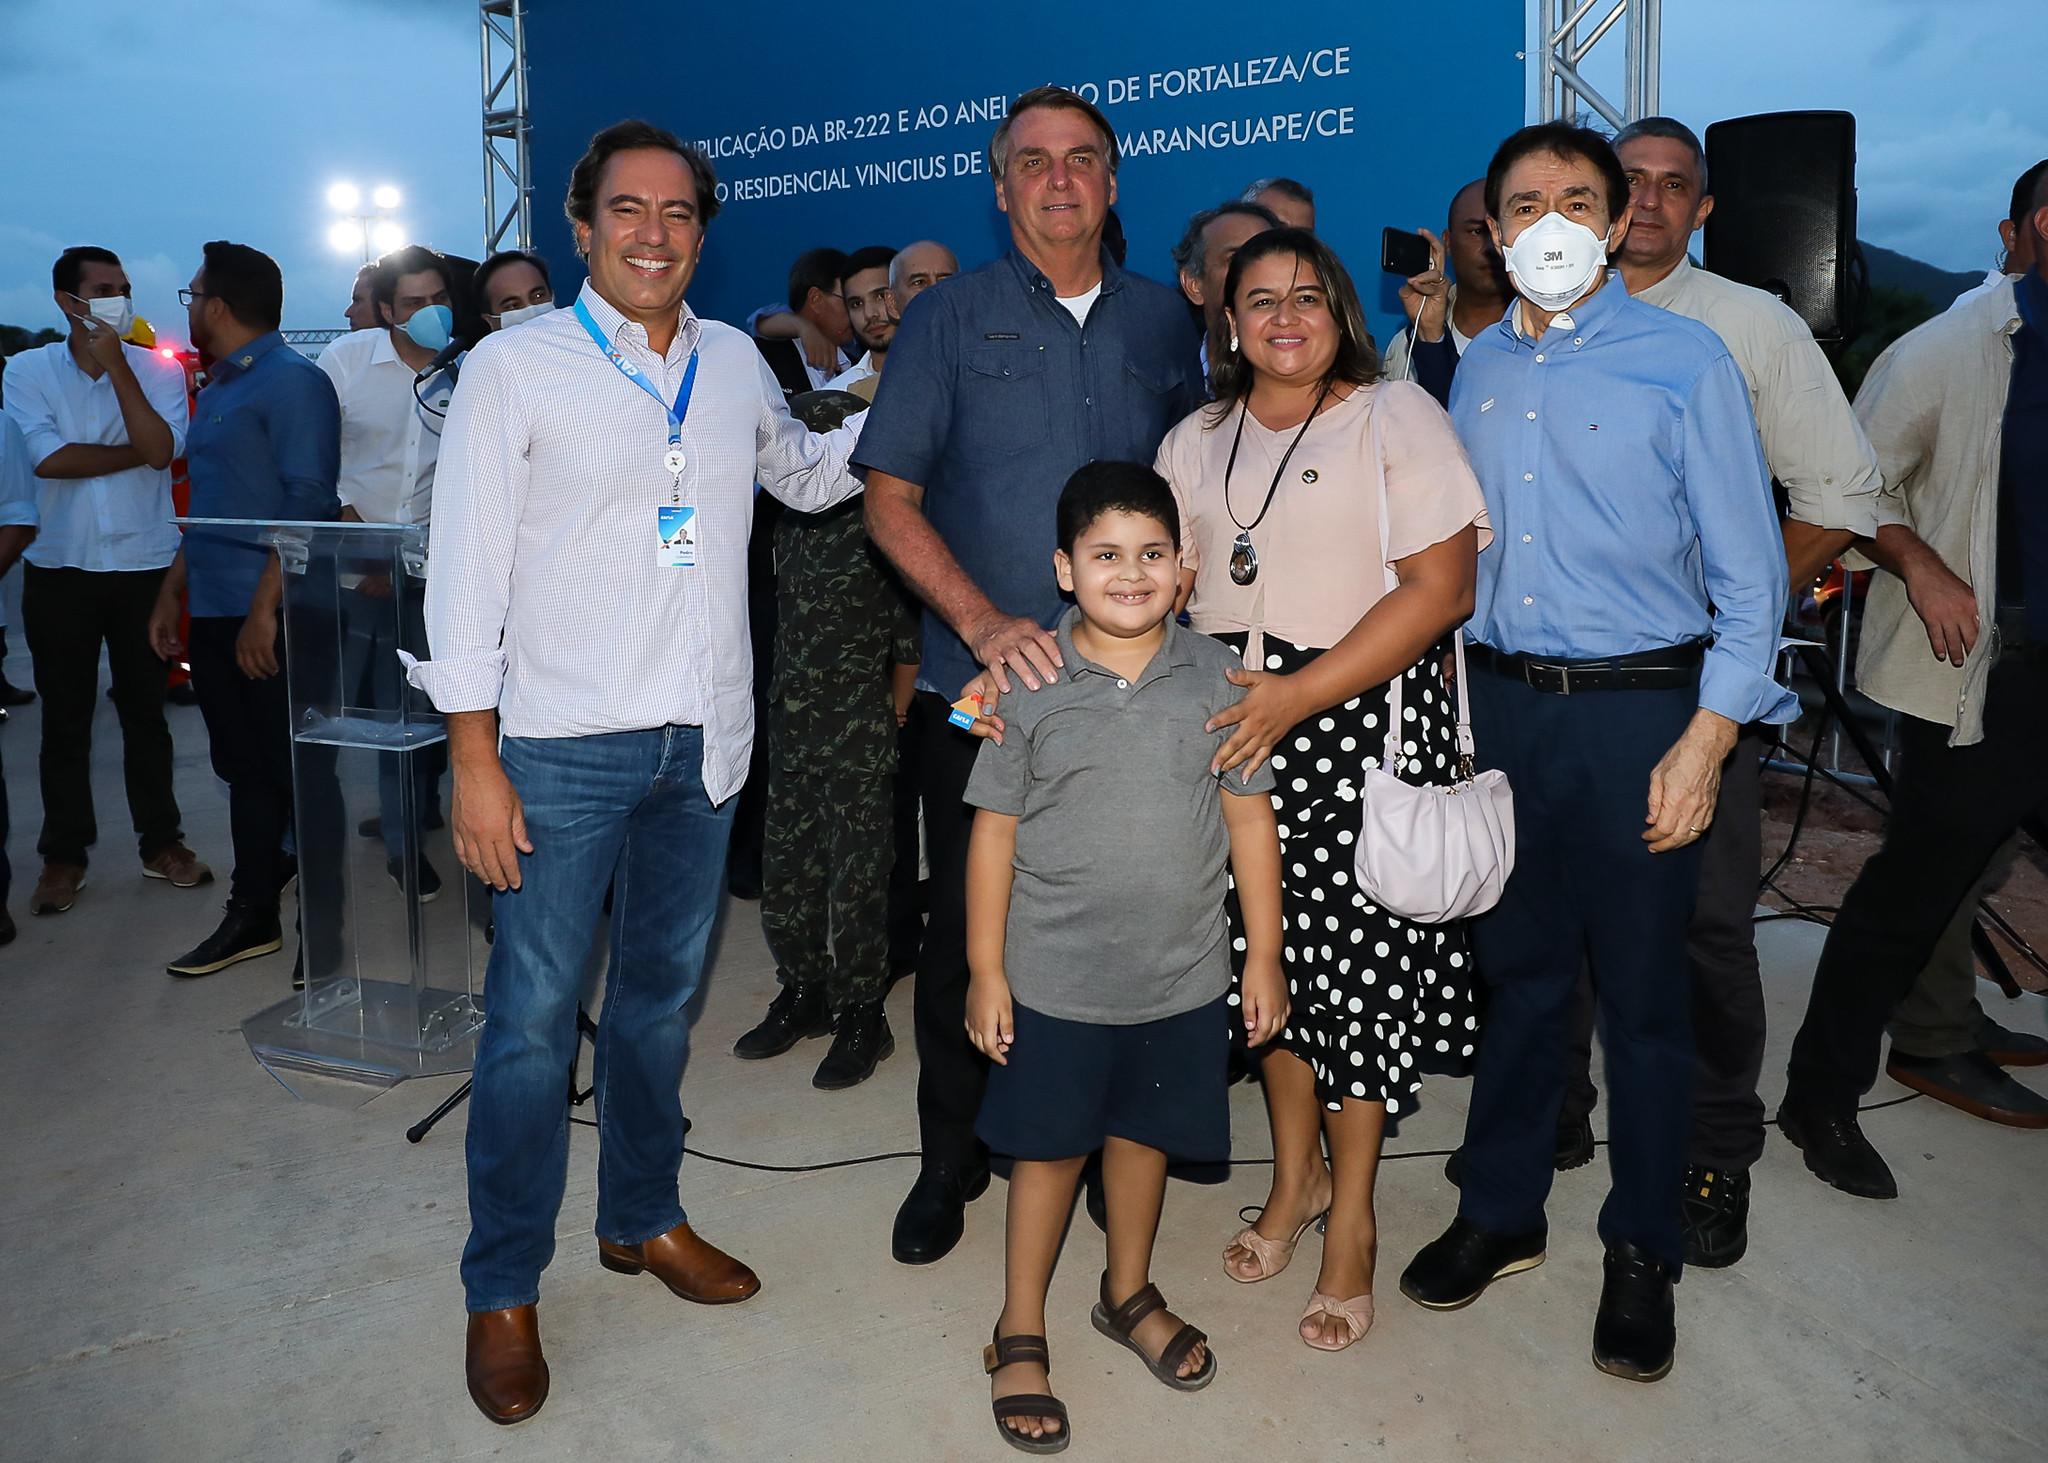 Presidente Jair Bolsonaro entregou nesta sexta-feira (26) chaves para os novos moradores do Residencial Vinícius de Moraes. Ao todo, 240 famílias terão acesso à casa própria